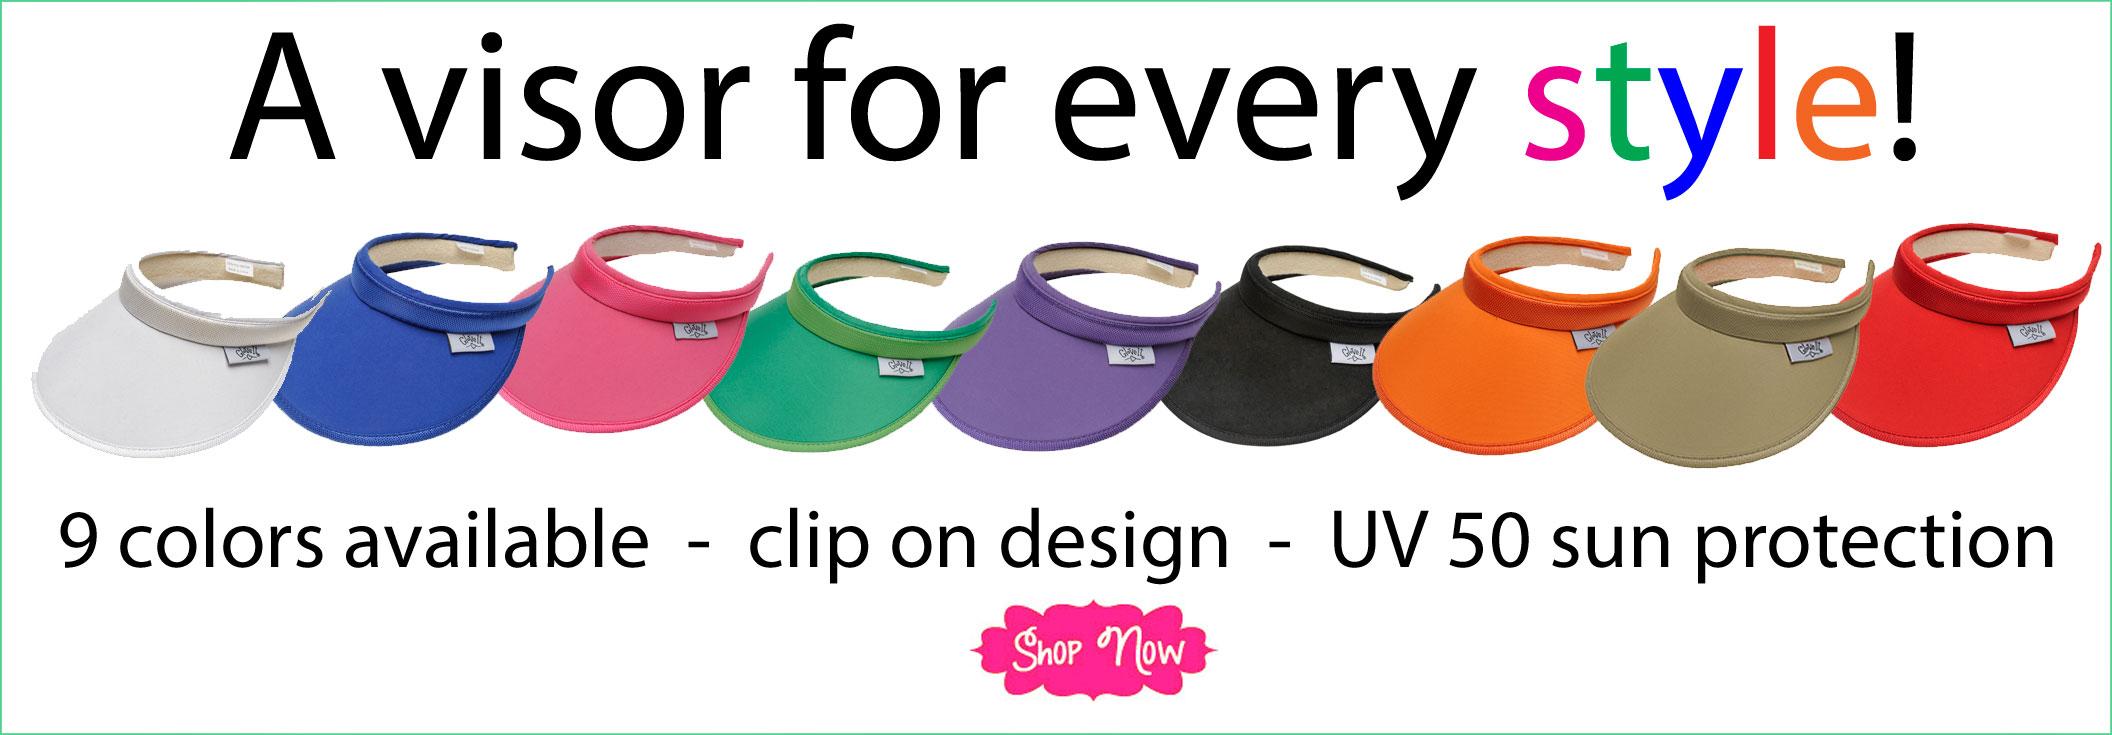 ladies-golf-visors-solid-colors-banner.jpg